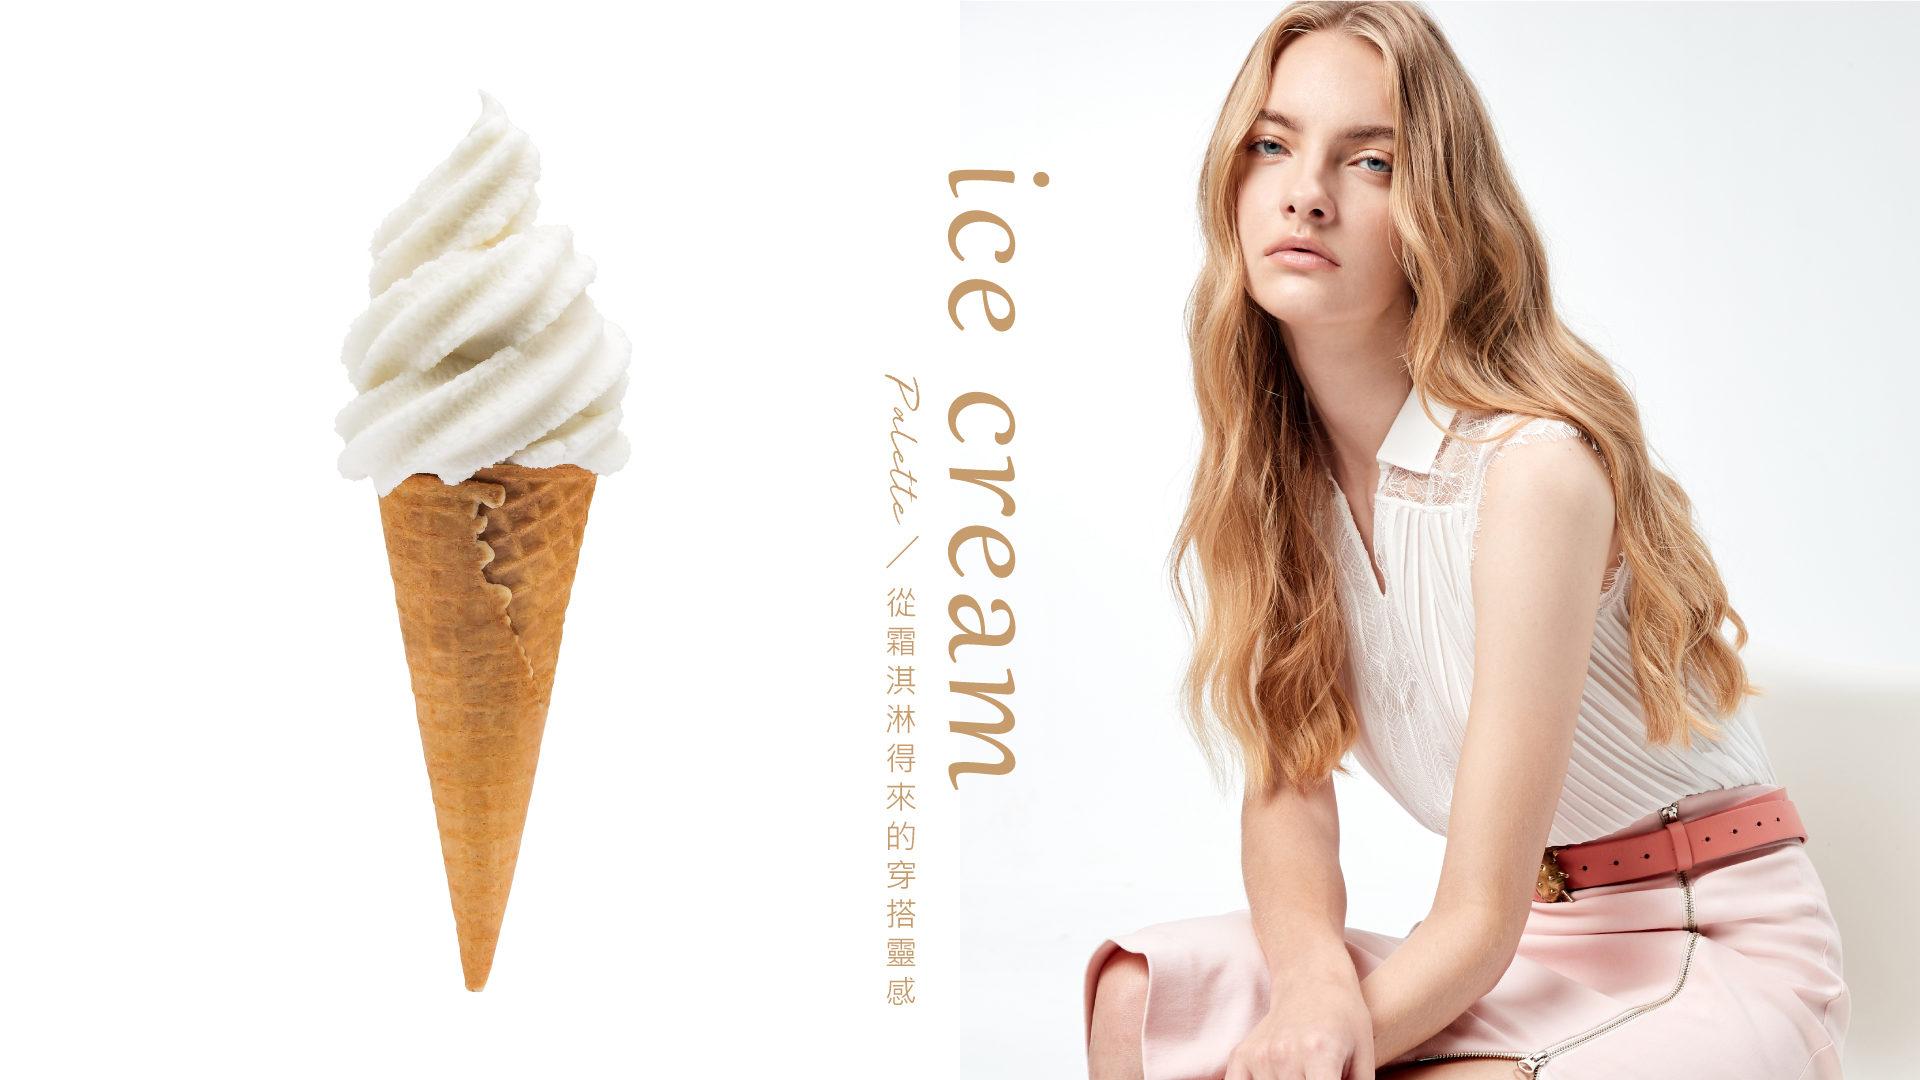 嘴巴吃冰,眼睛也要吃冰!夏天穿白色最消暑!